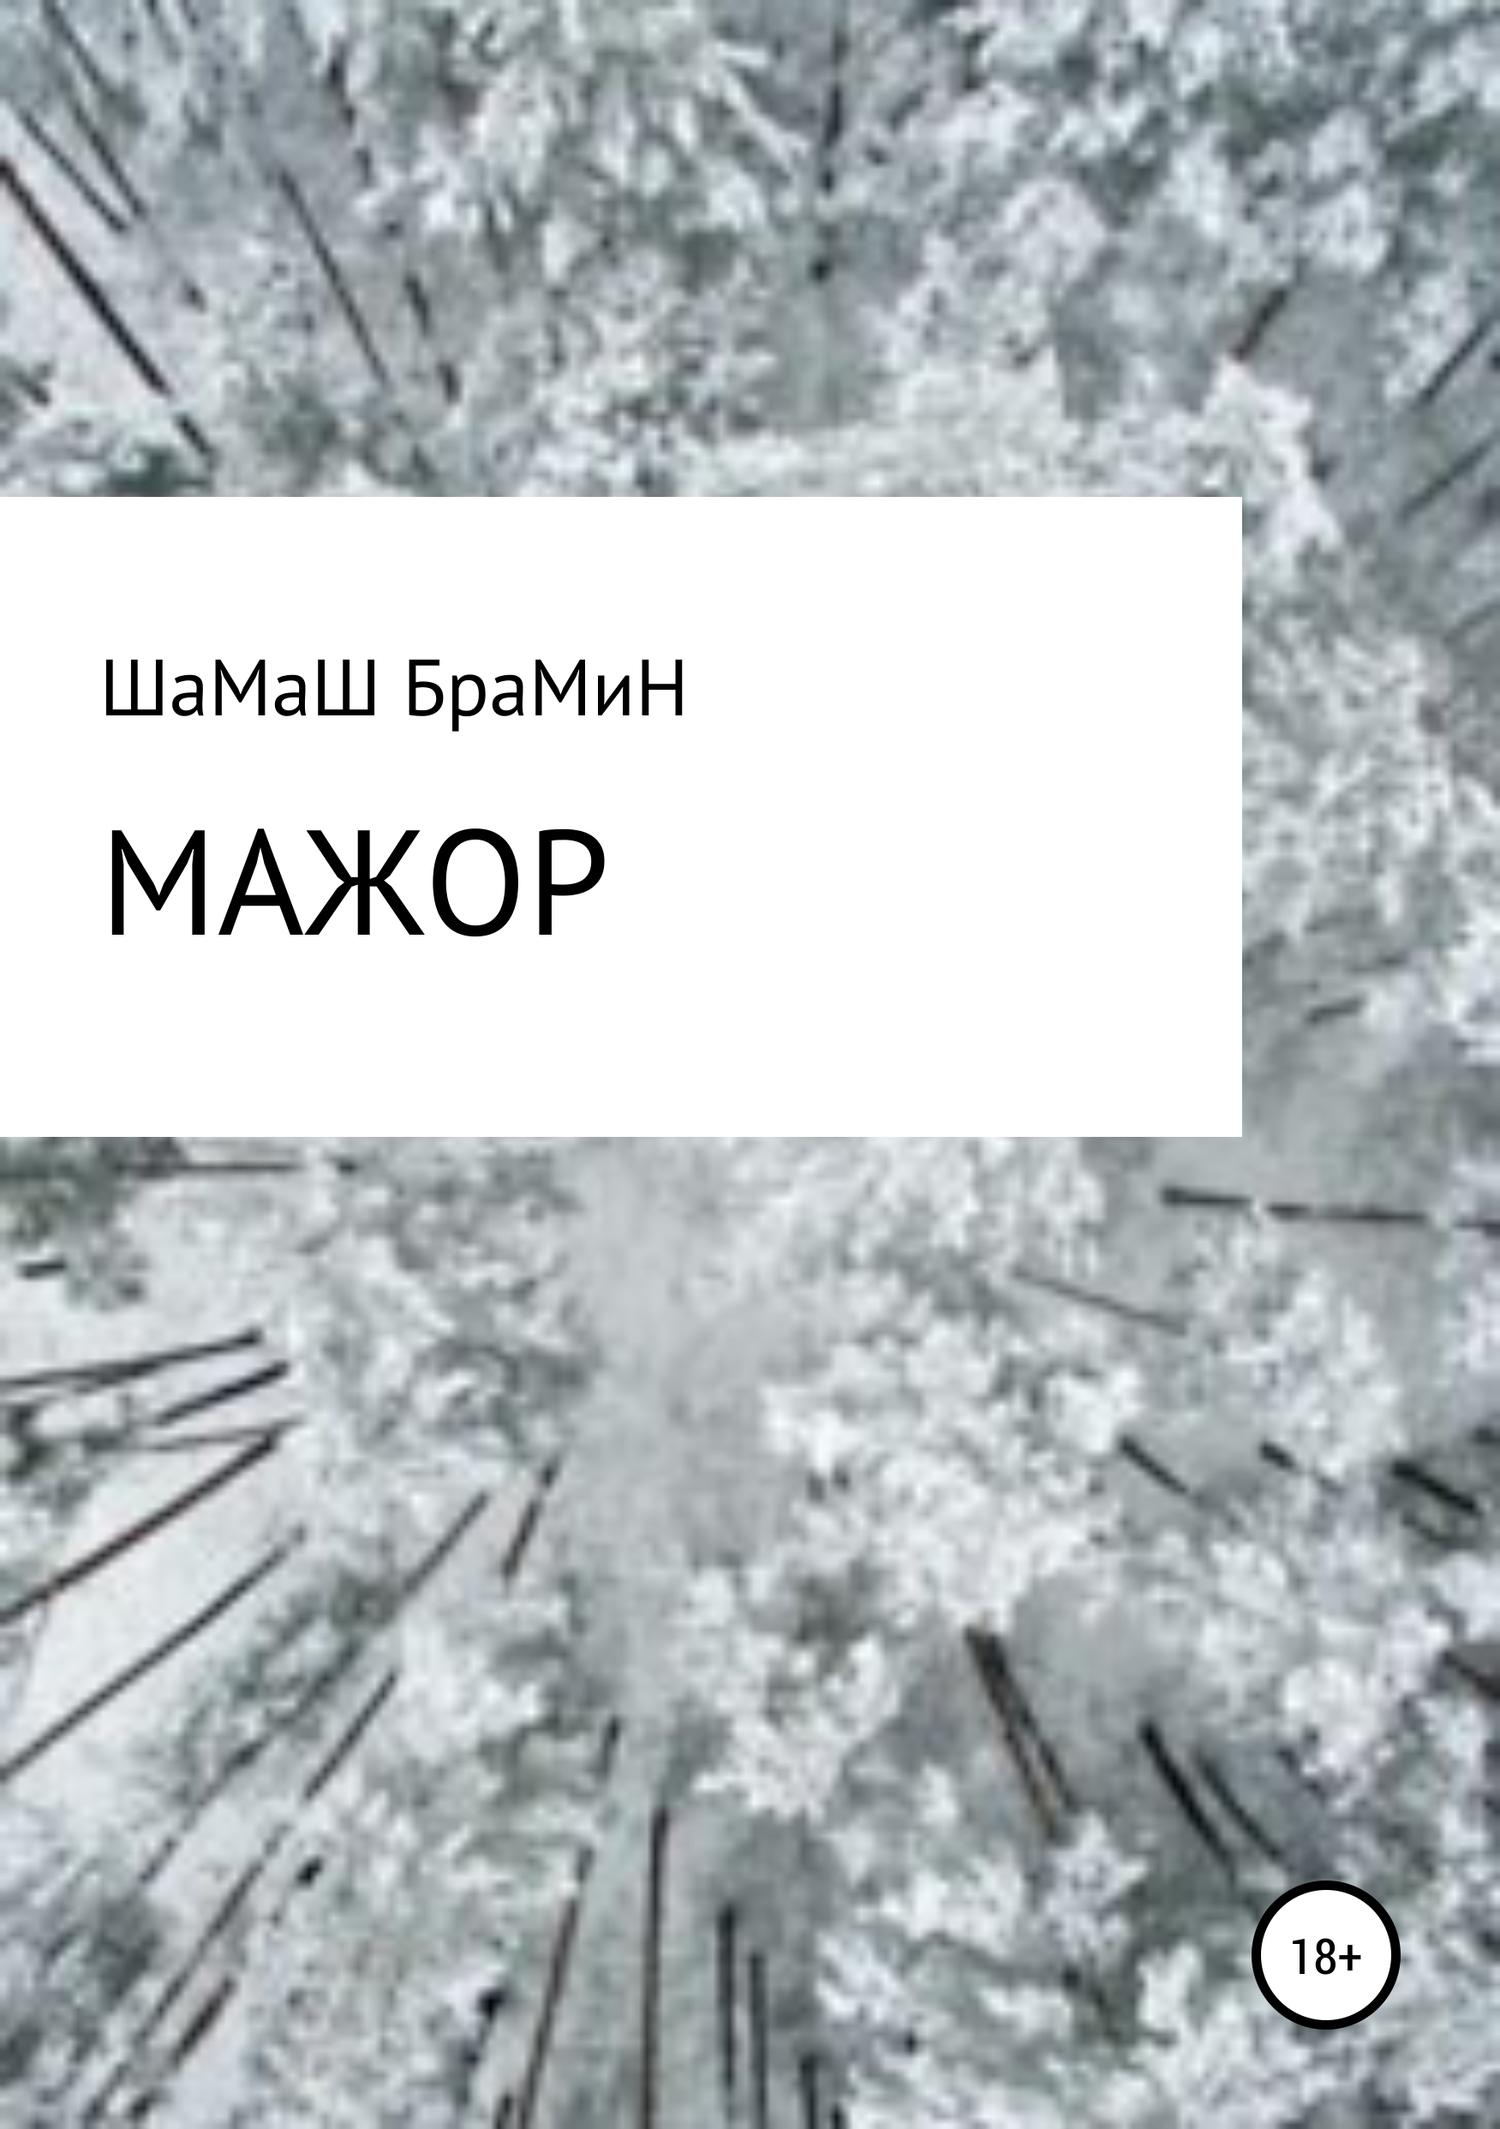 ШаМаШ БраМиН - Мажор